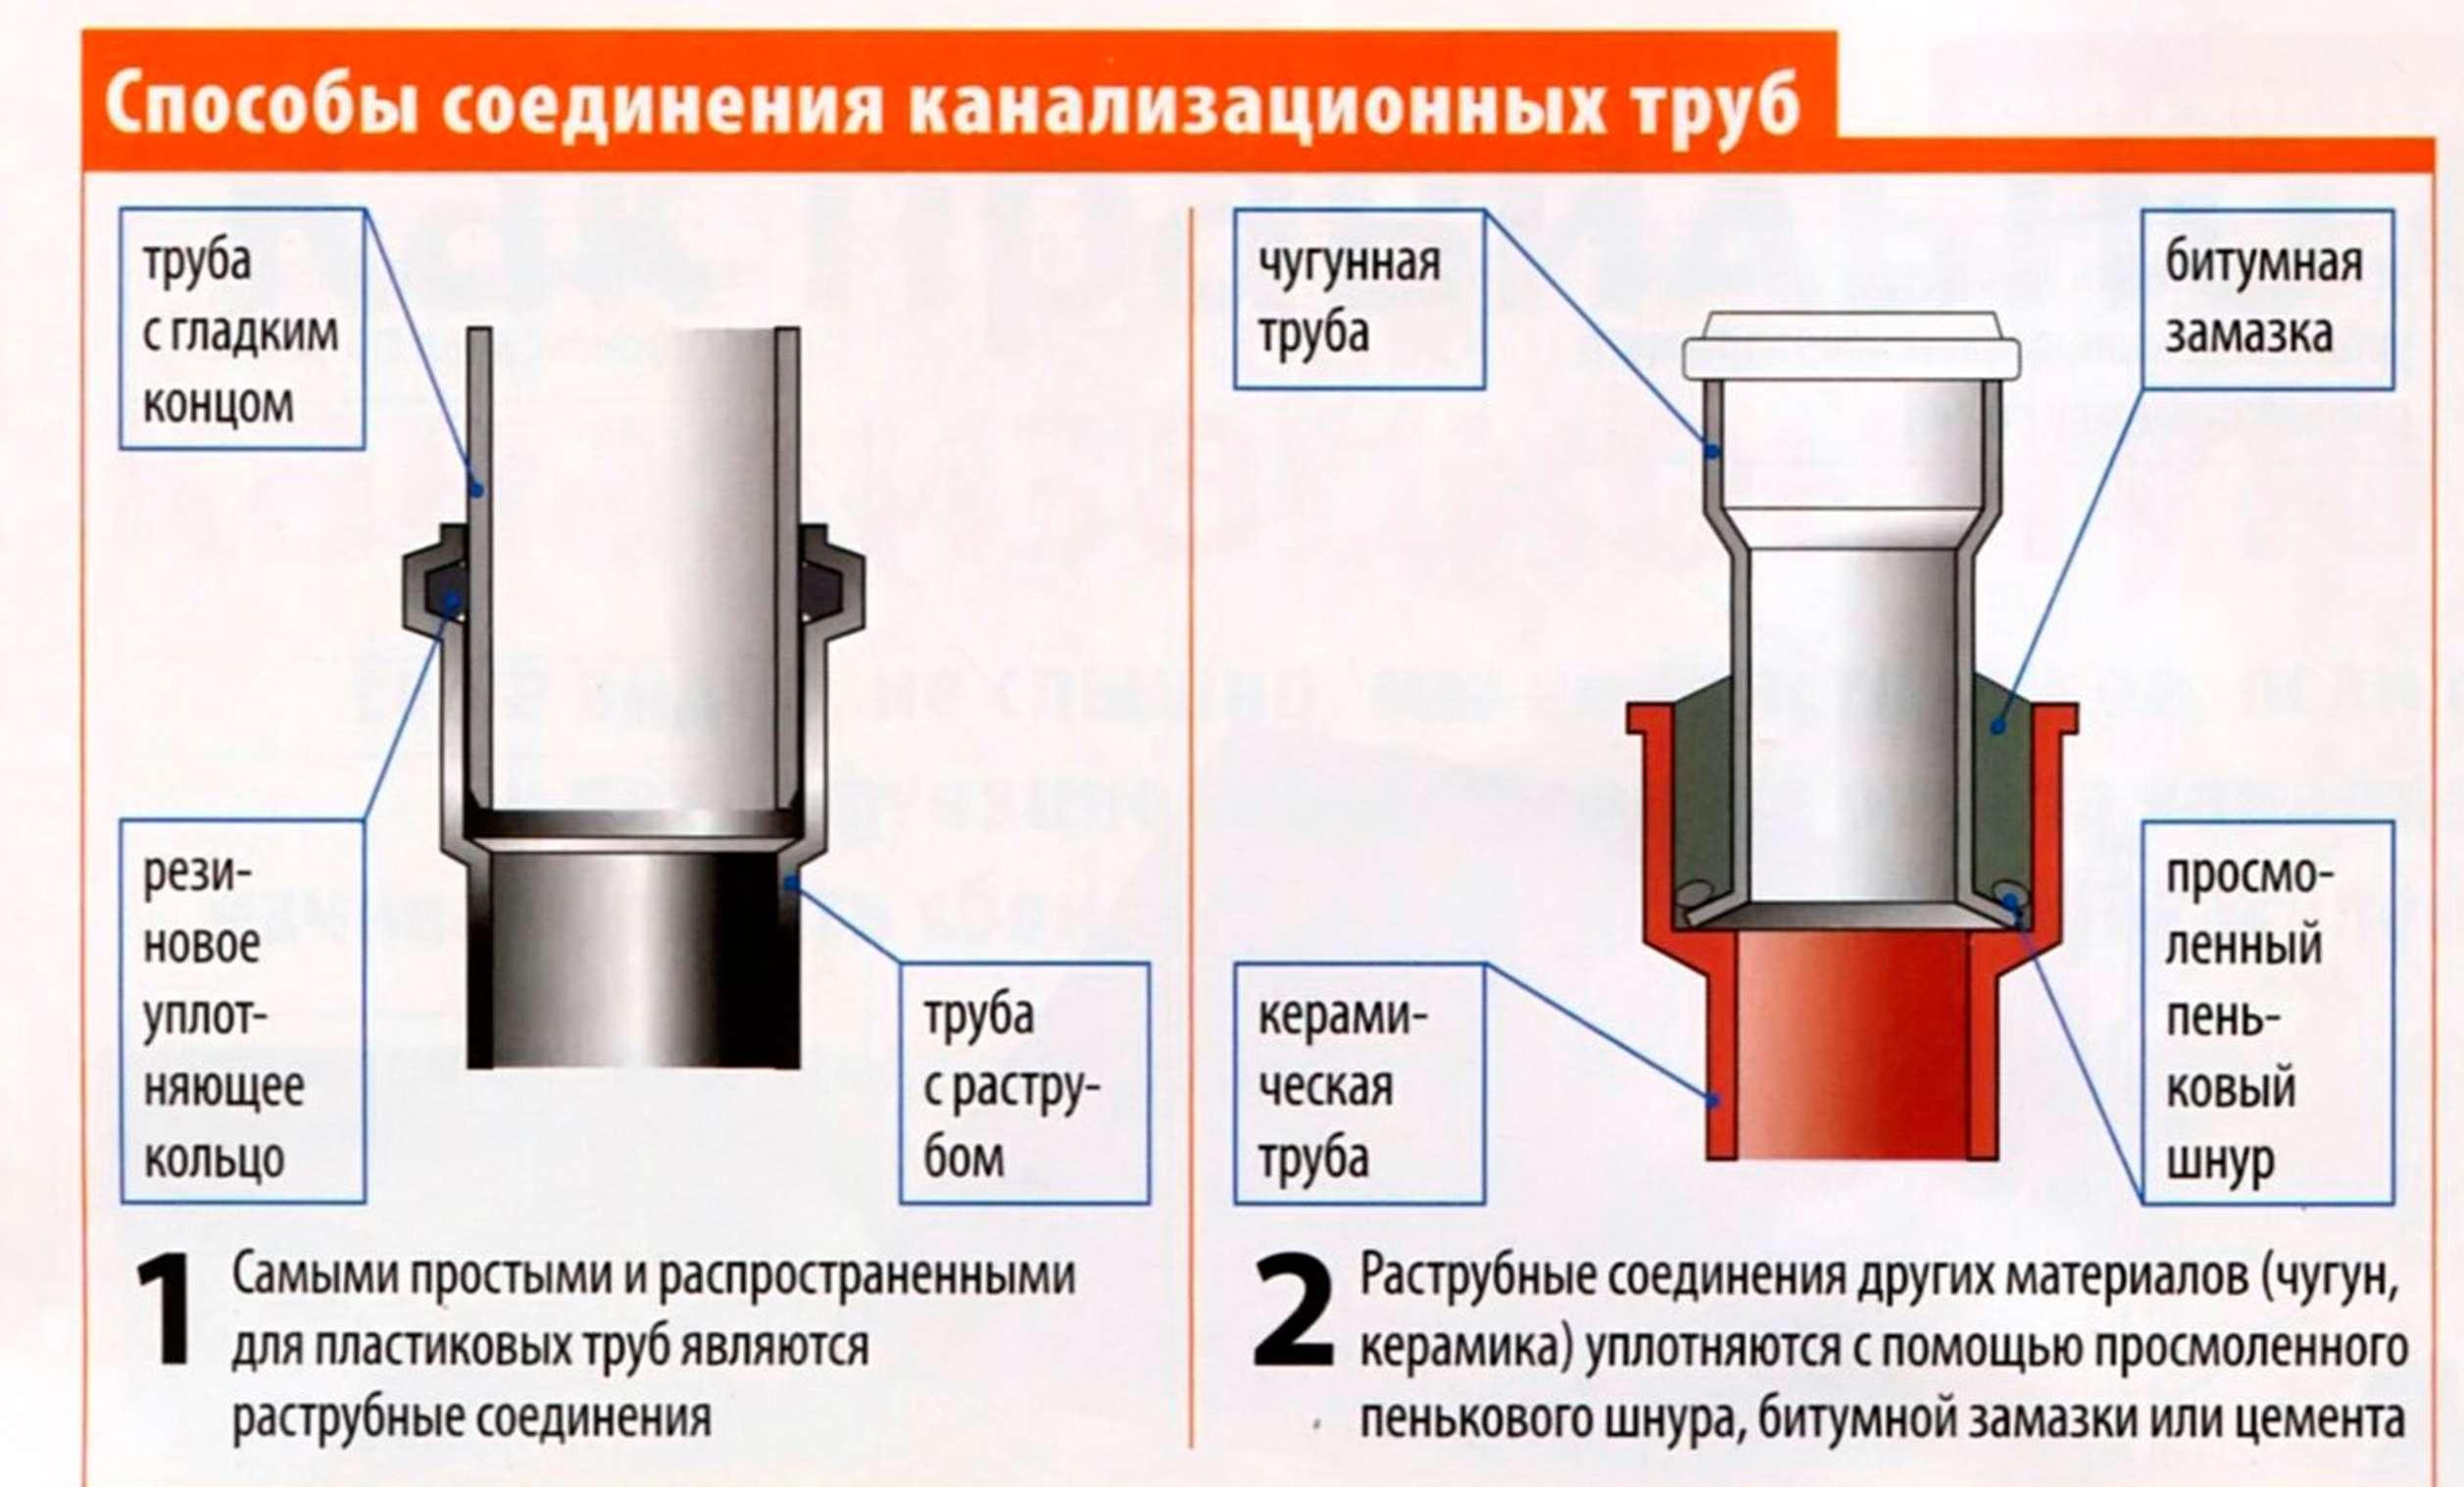 Схемы соединения металлических труб